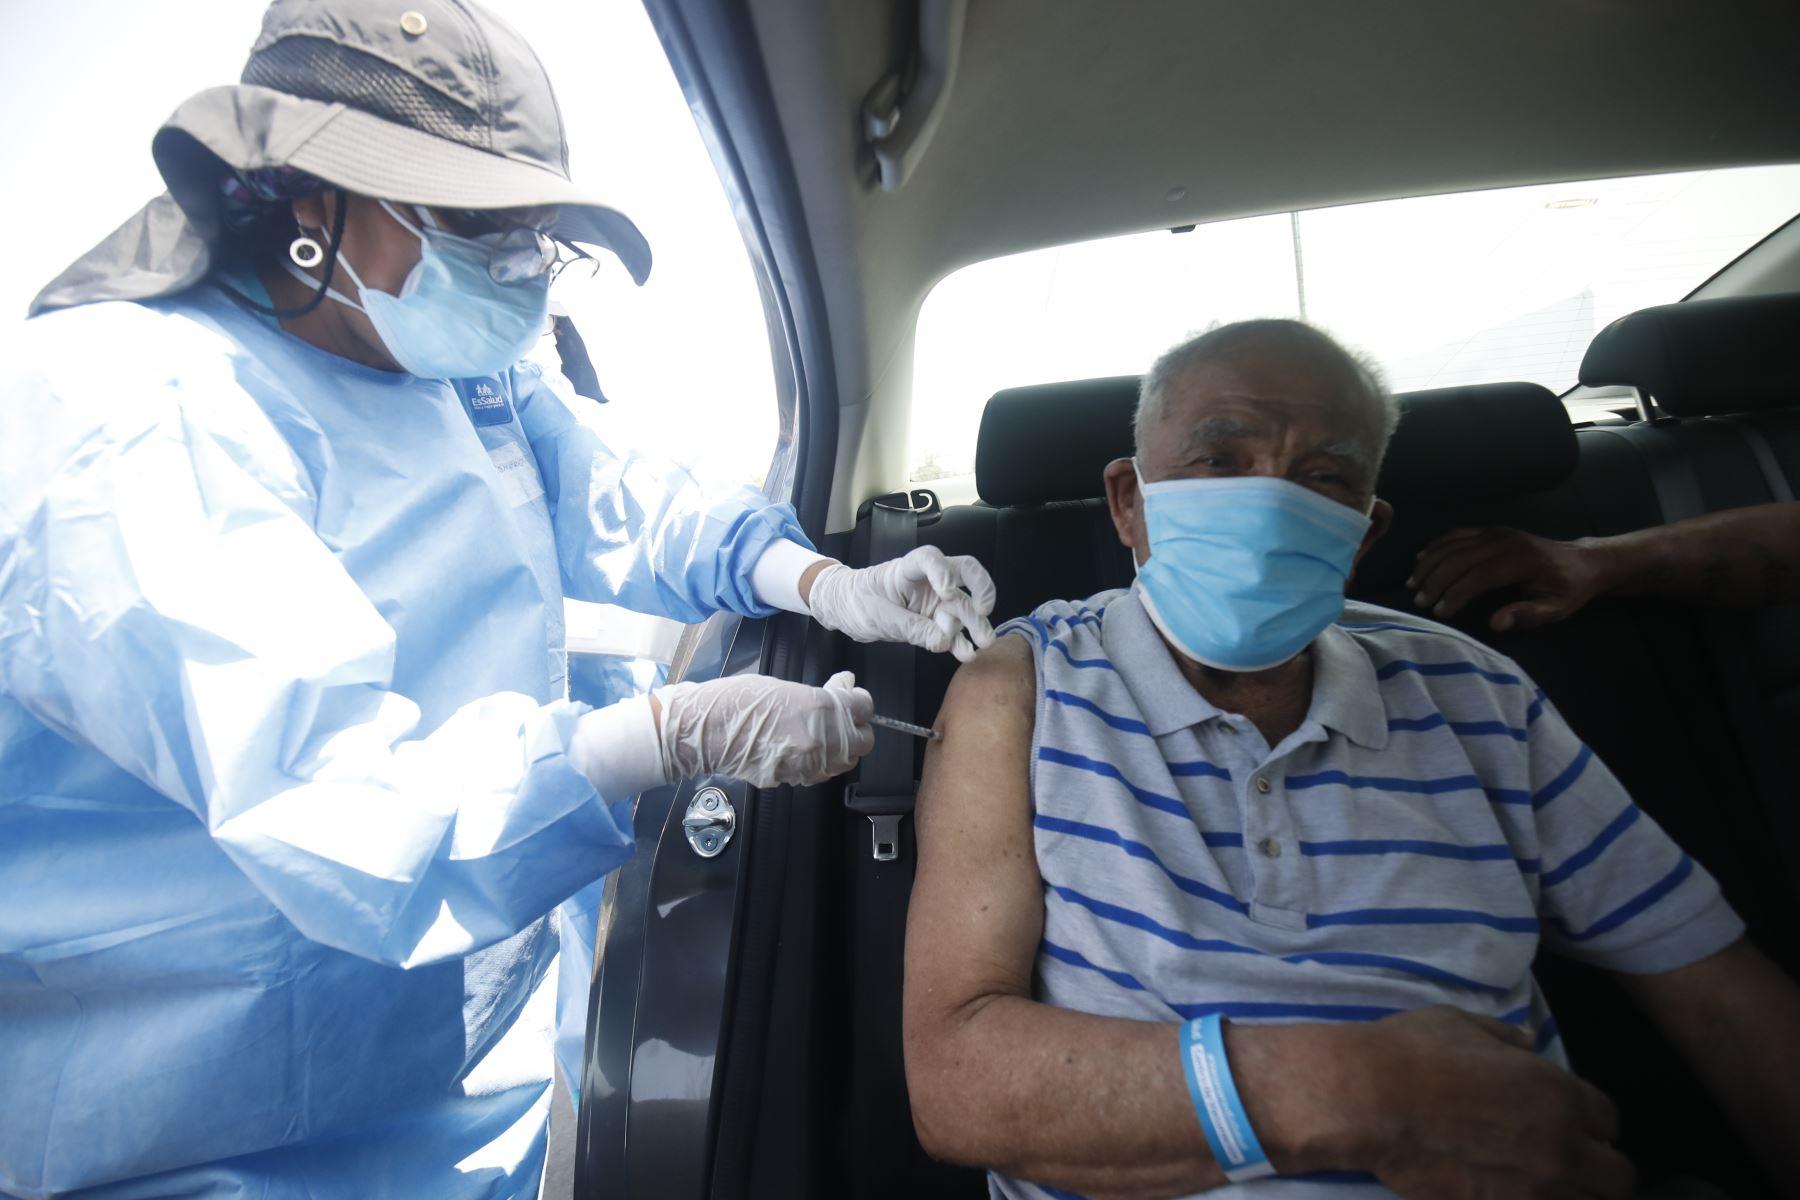 Plan de vacunación masiva contra el nuevo coronavirus en el Parque de Las Leyendas permitirá inmunizar de manera masiva a los adultos mayores de 80 años en 22 distritos. Foto: ANDINA/Juan Carlos Guzmán